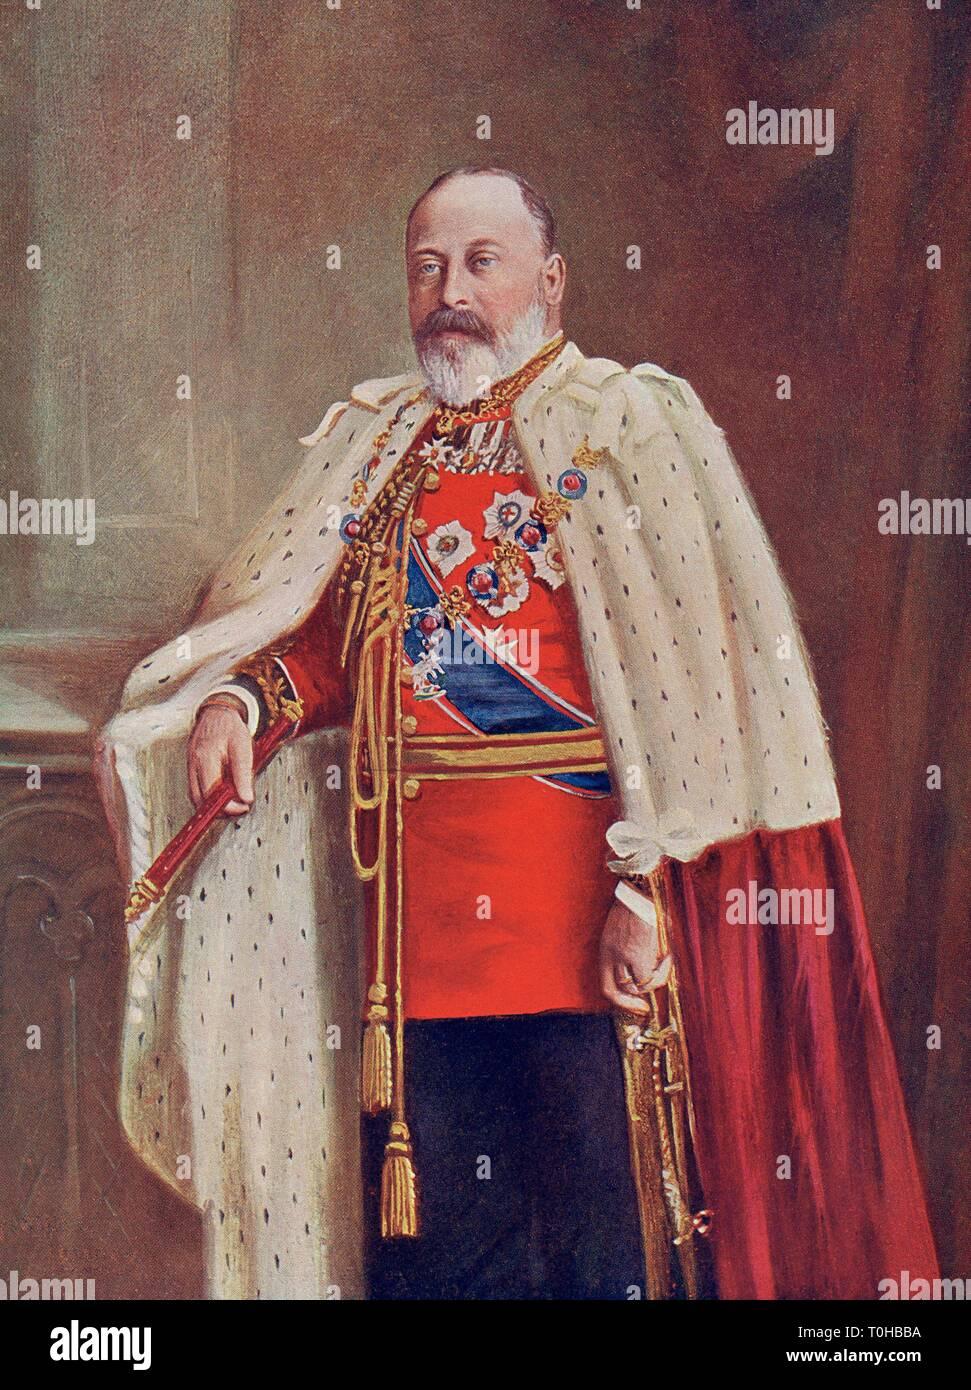 Old vintage photo of Edward VII - Stock Image